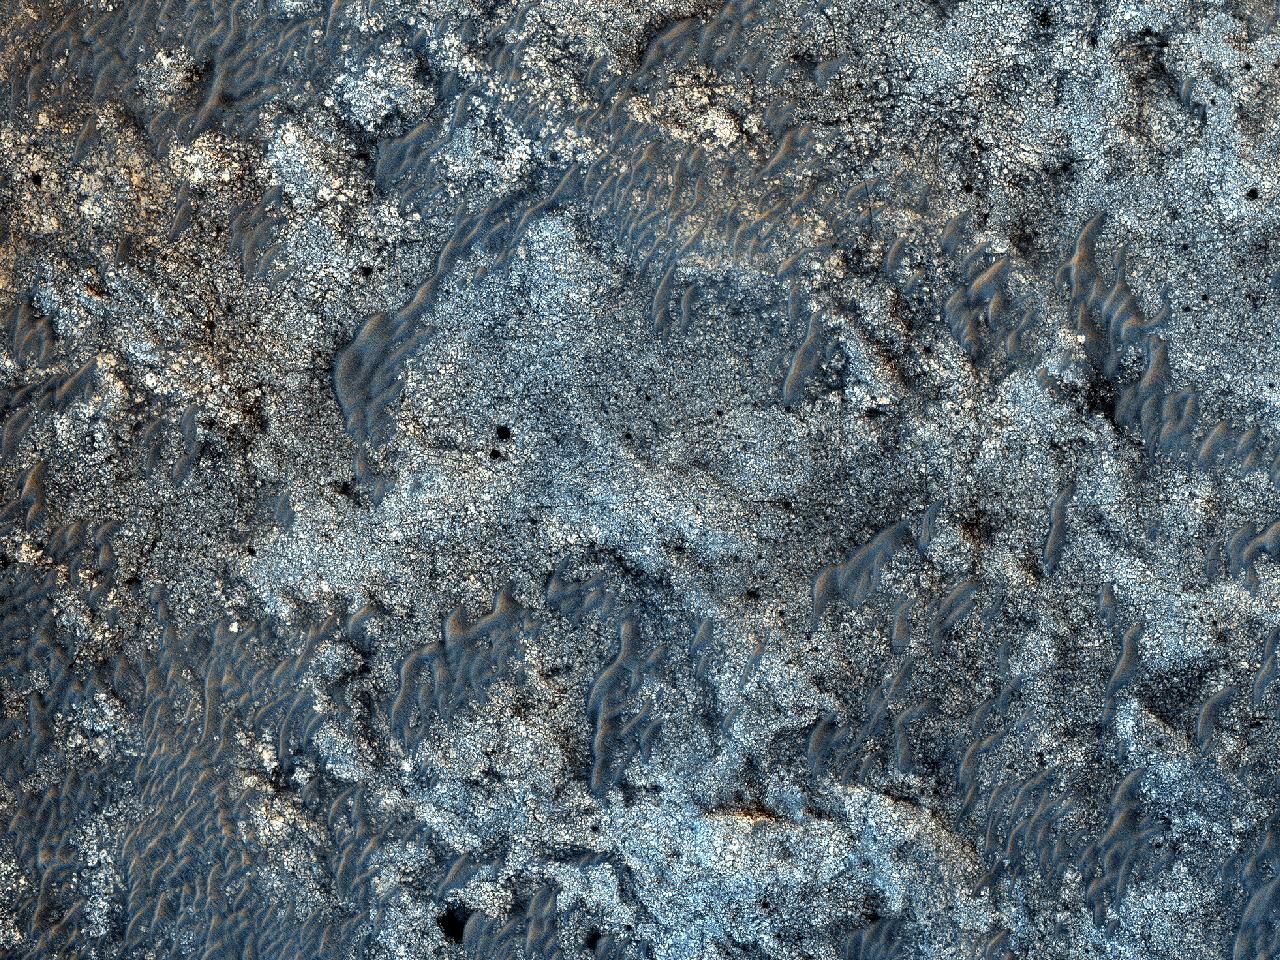 Οι Ανθρακικές Πεδιάδες των Ρηγμάτων του Νείλου